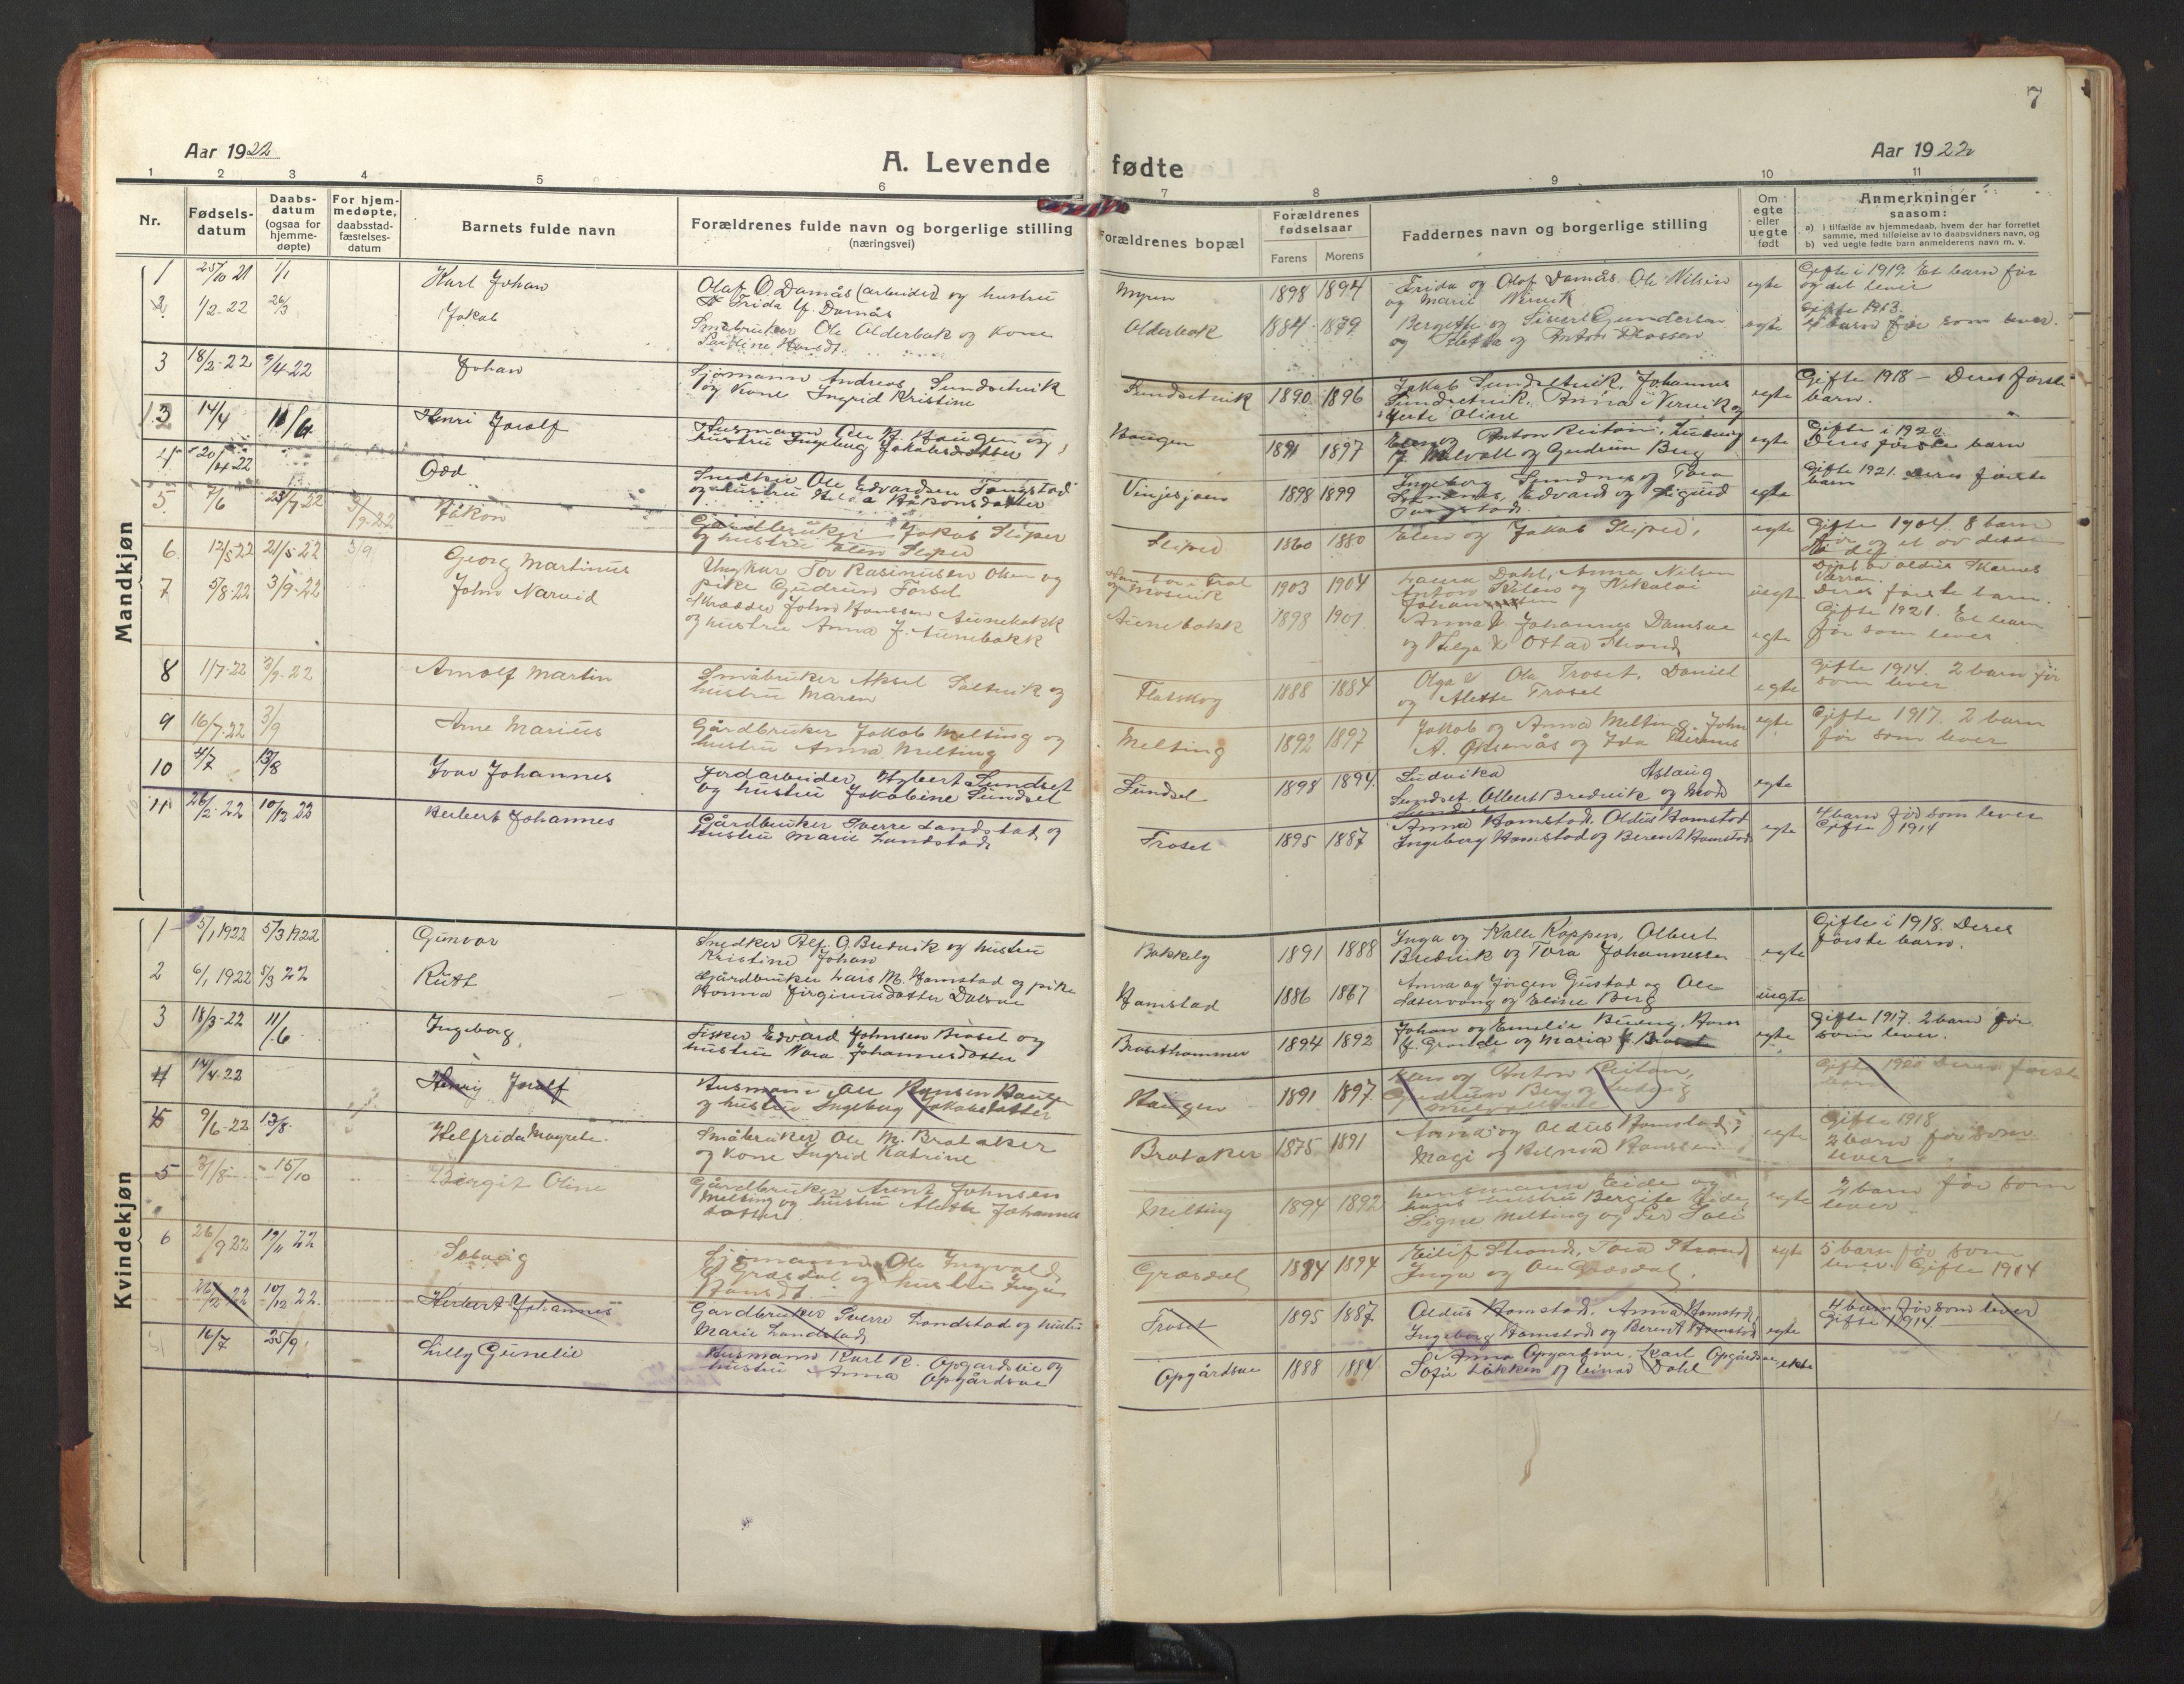 SAT, Ministerialprotokoller, klokkerbøker og fødselsregistre - Nord-Trøndelag, 733/L0328: Klokkerbok nr. 733C03, 1919-1966, s. 7